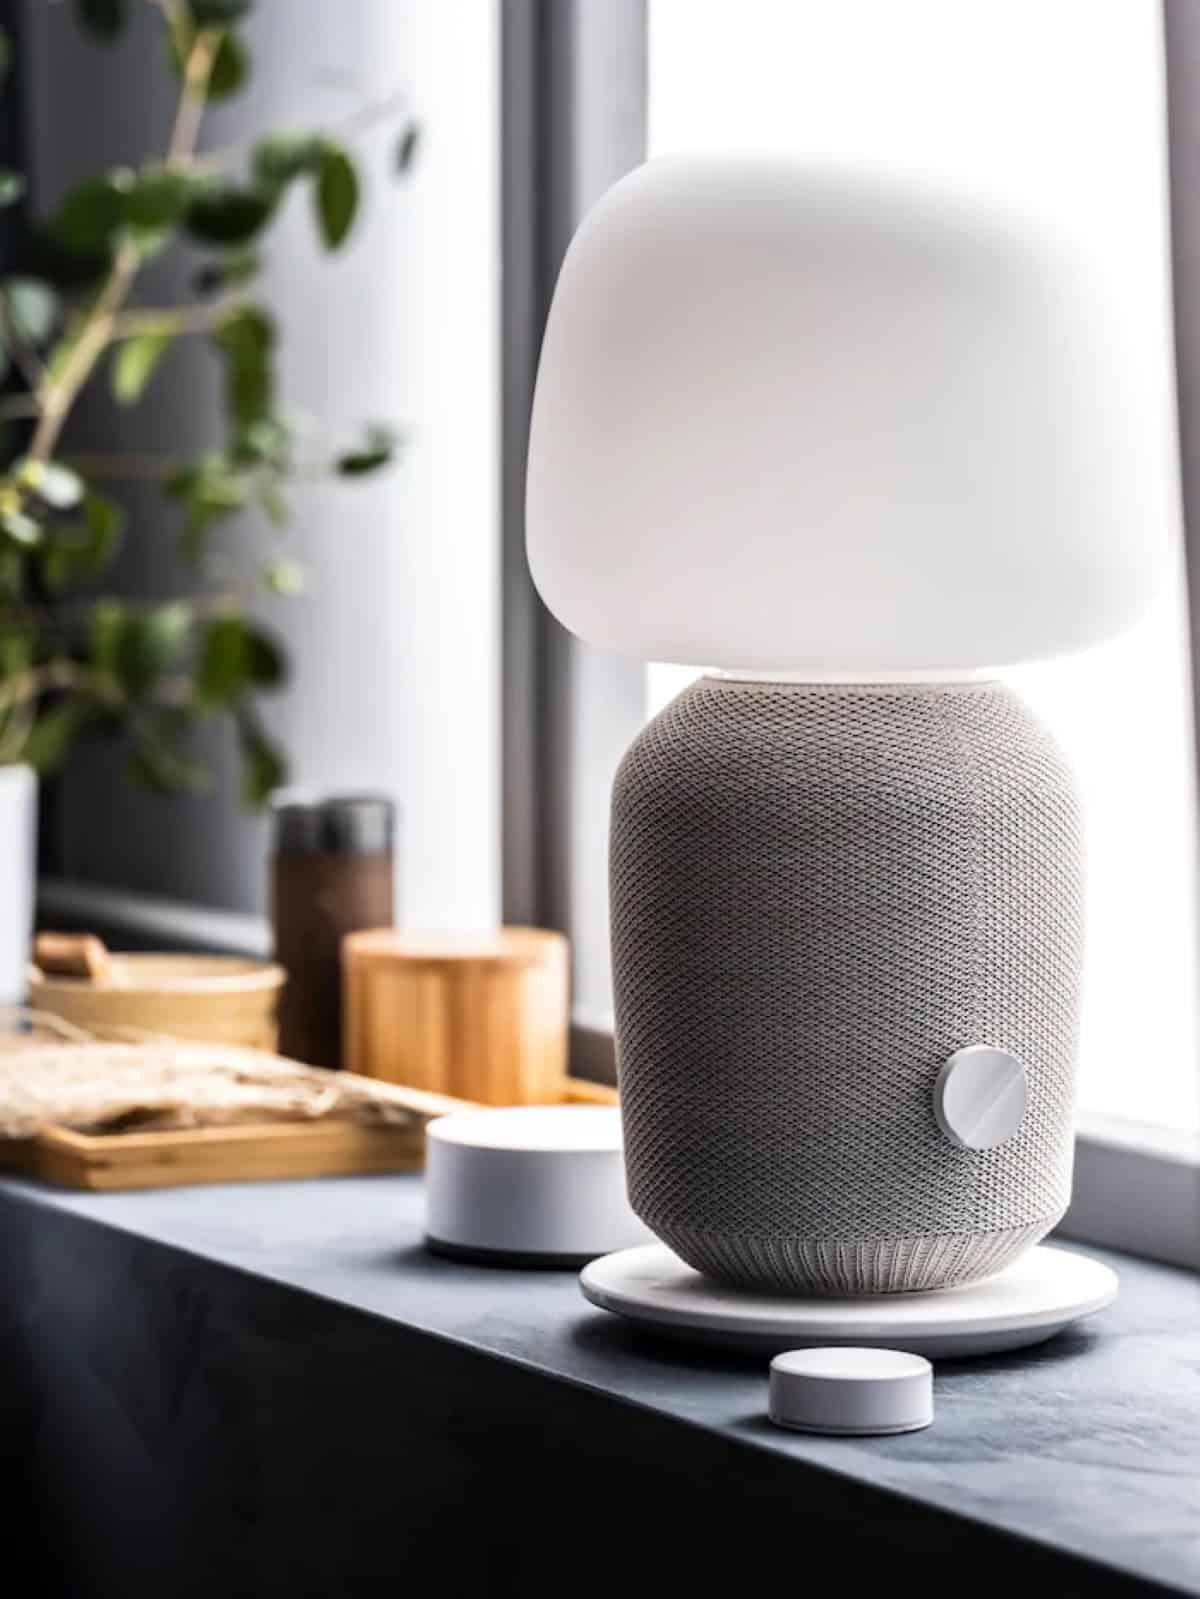 ikea smart home 2021